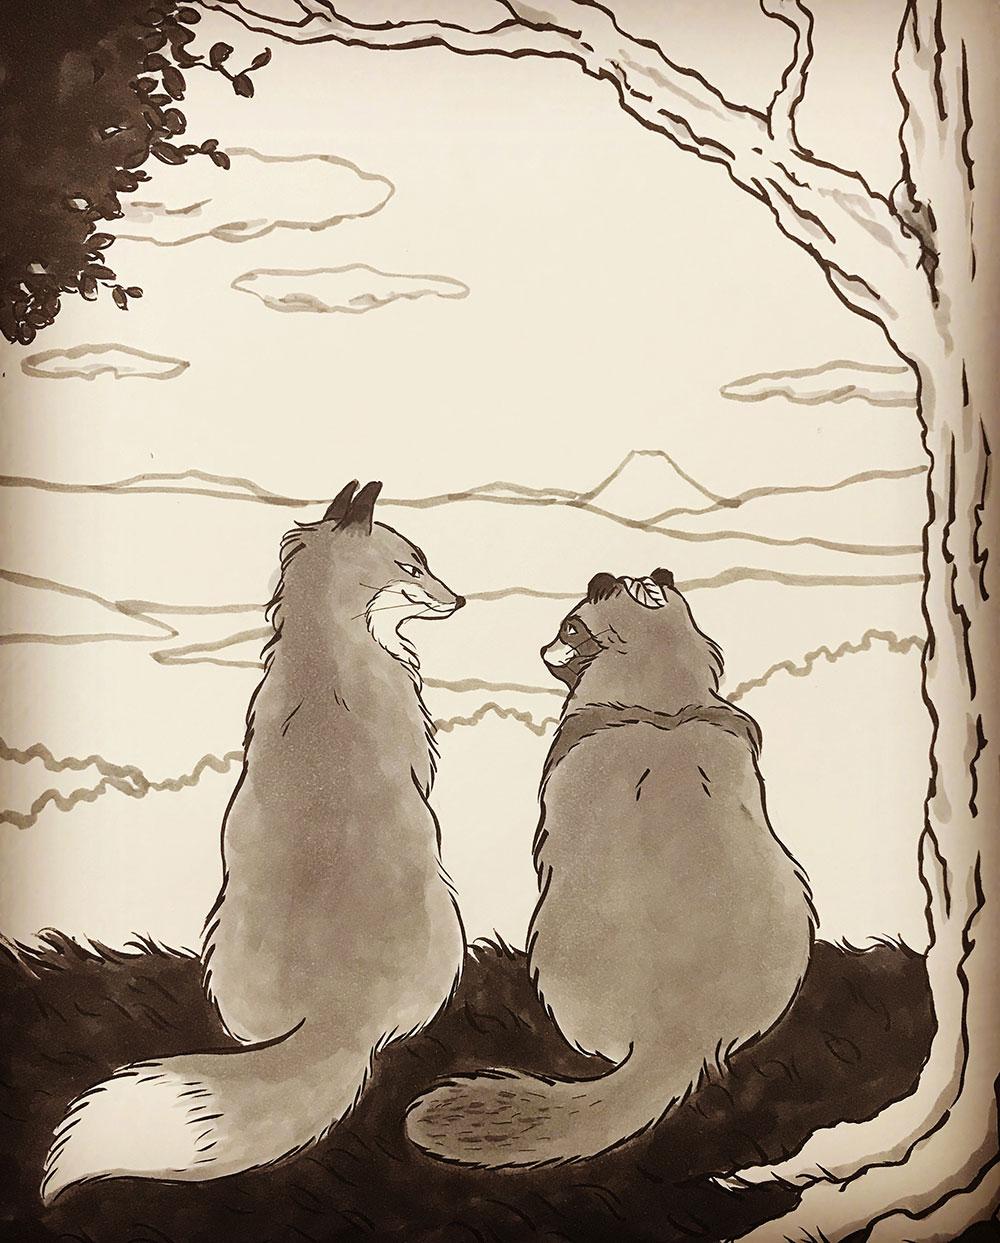 お玉ちゃんと狸娘 KITSUNE & TANUKI